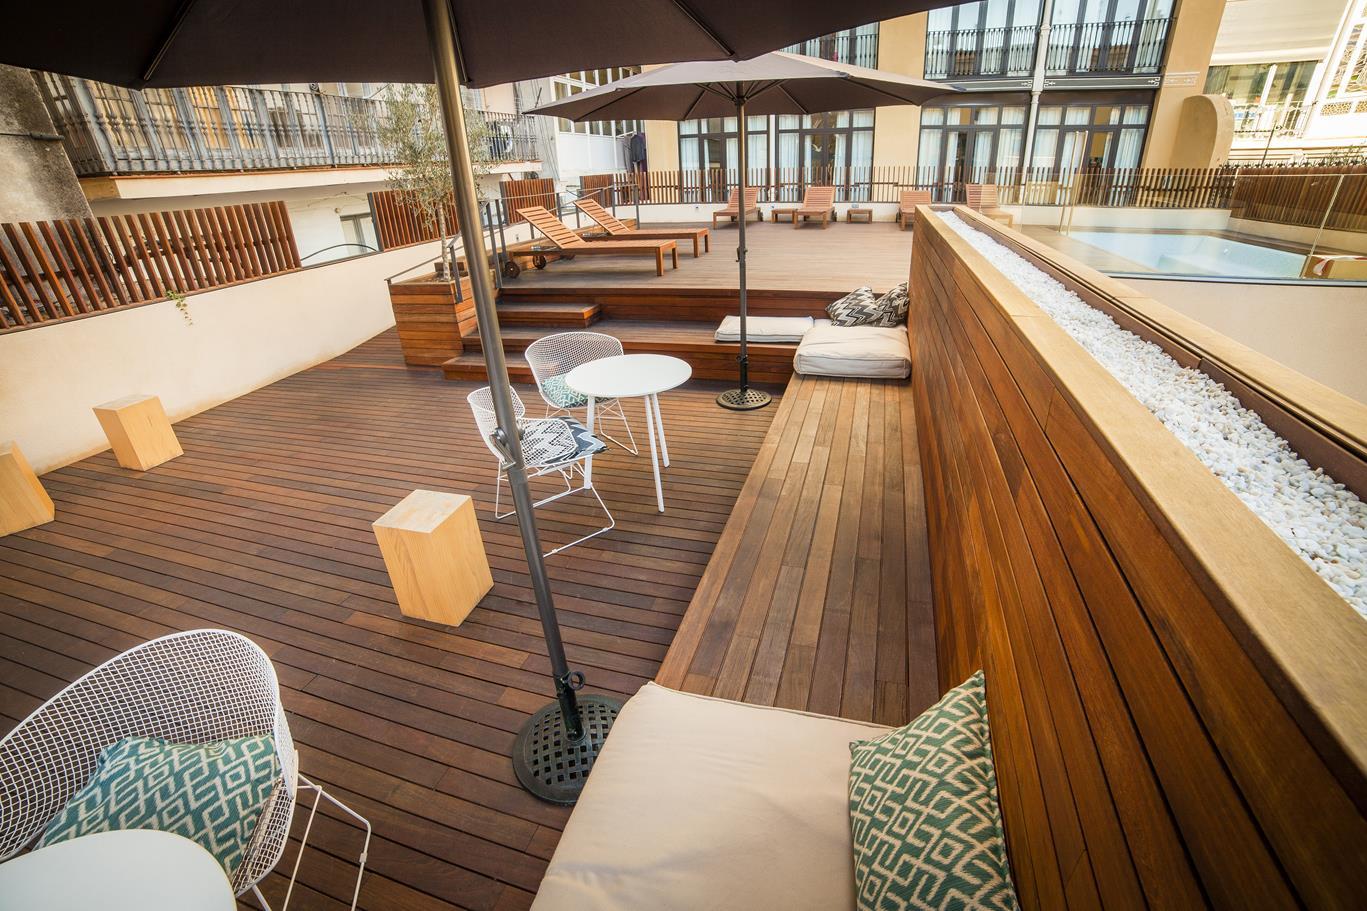 Proyecto de terraza con piscina en el toc hostel barcelona sanc s puertas y parquet - Toc toc barcelona ...